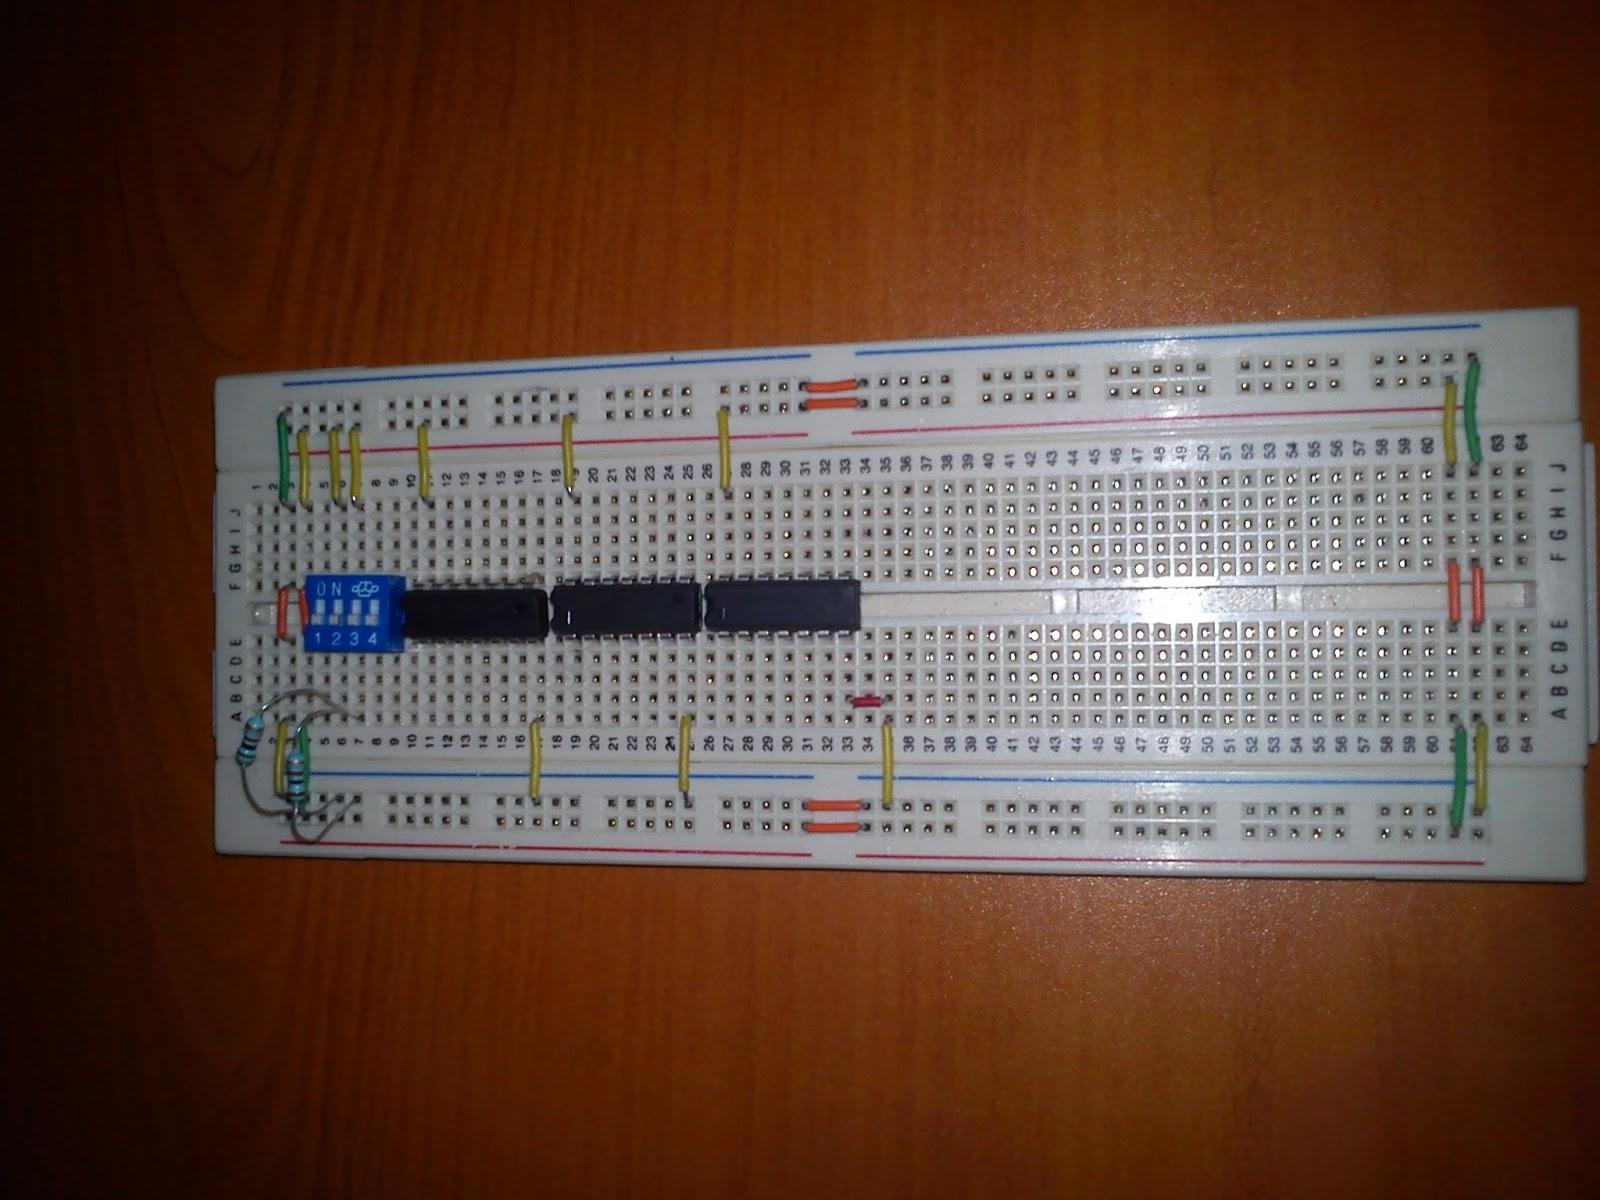 Circuito Integrado 7404 : Lote com peças circuito integrado dm n r em